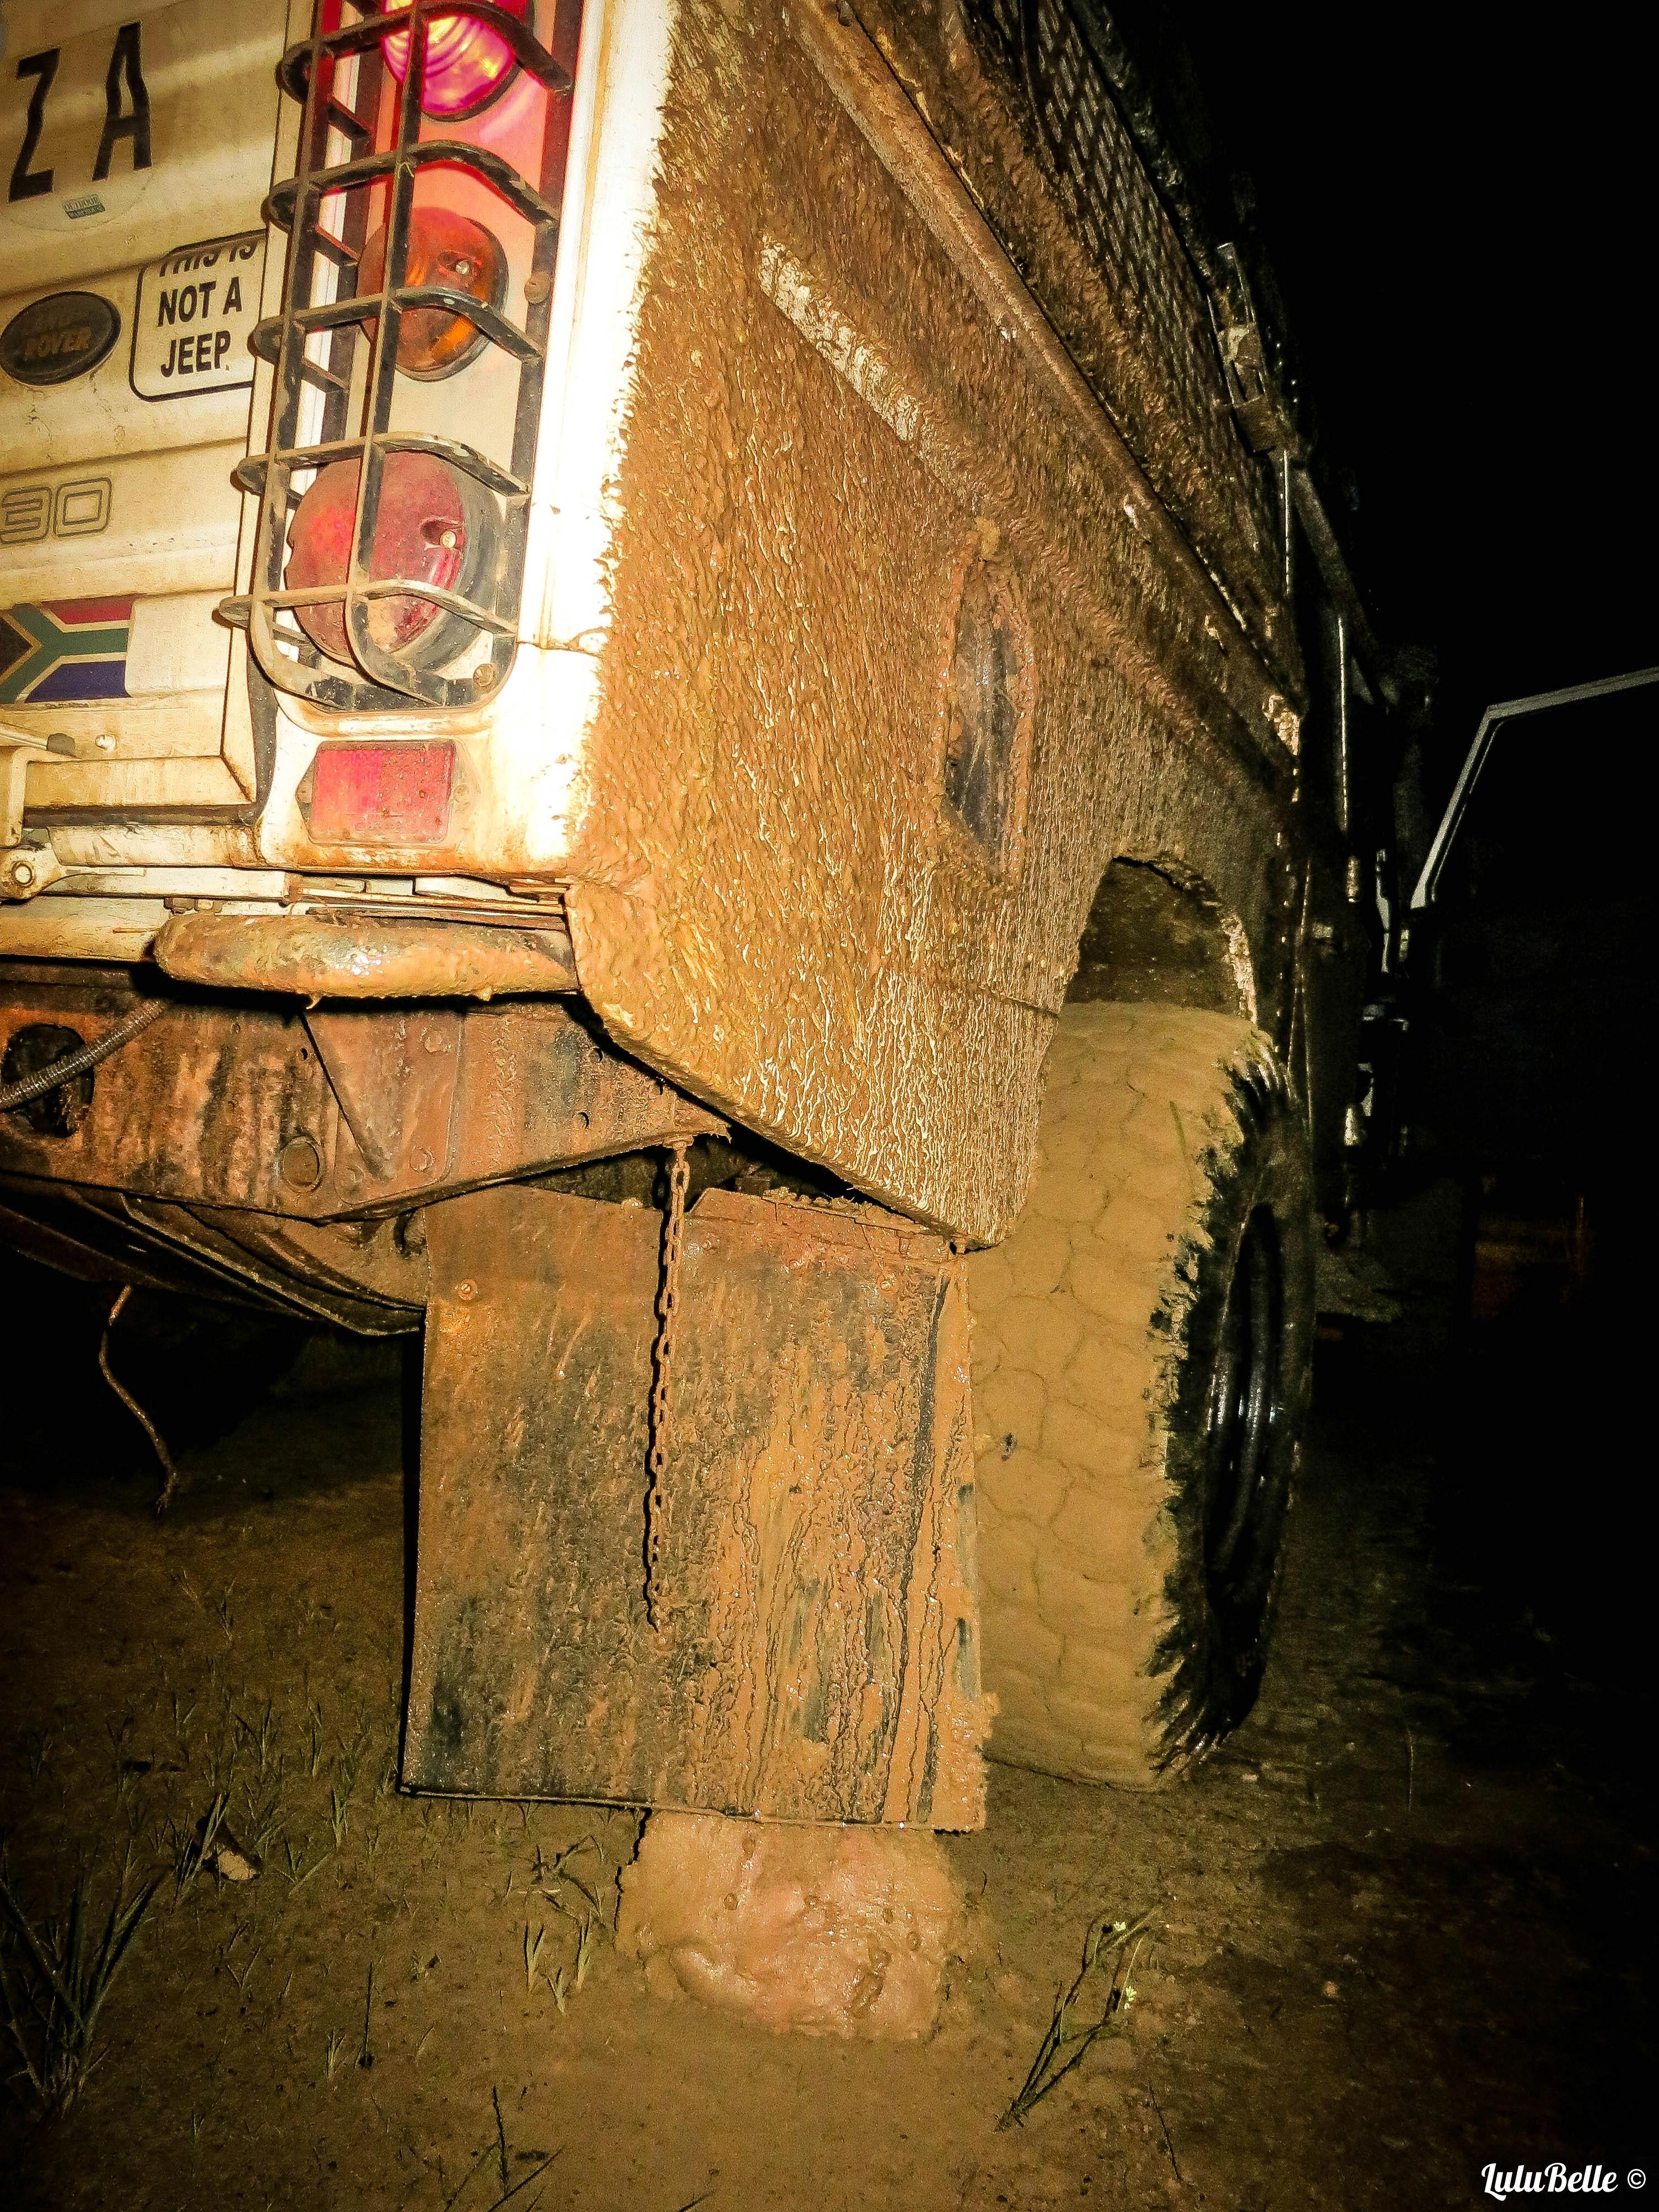 Mafuta drops a load, A2A Expedition